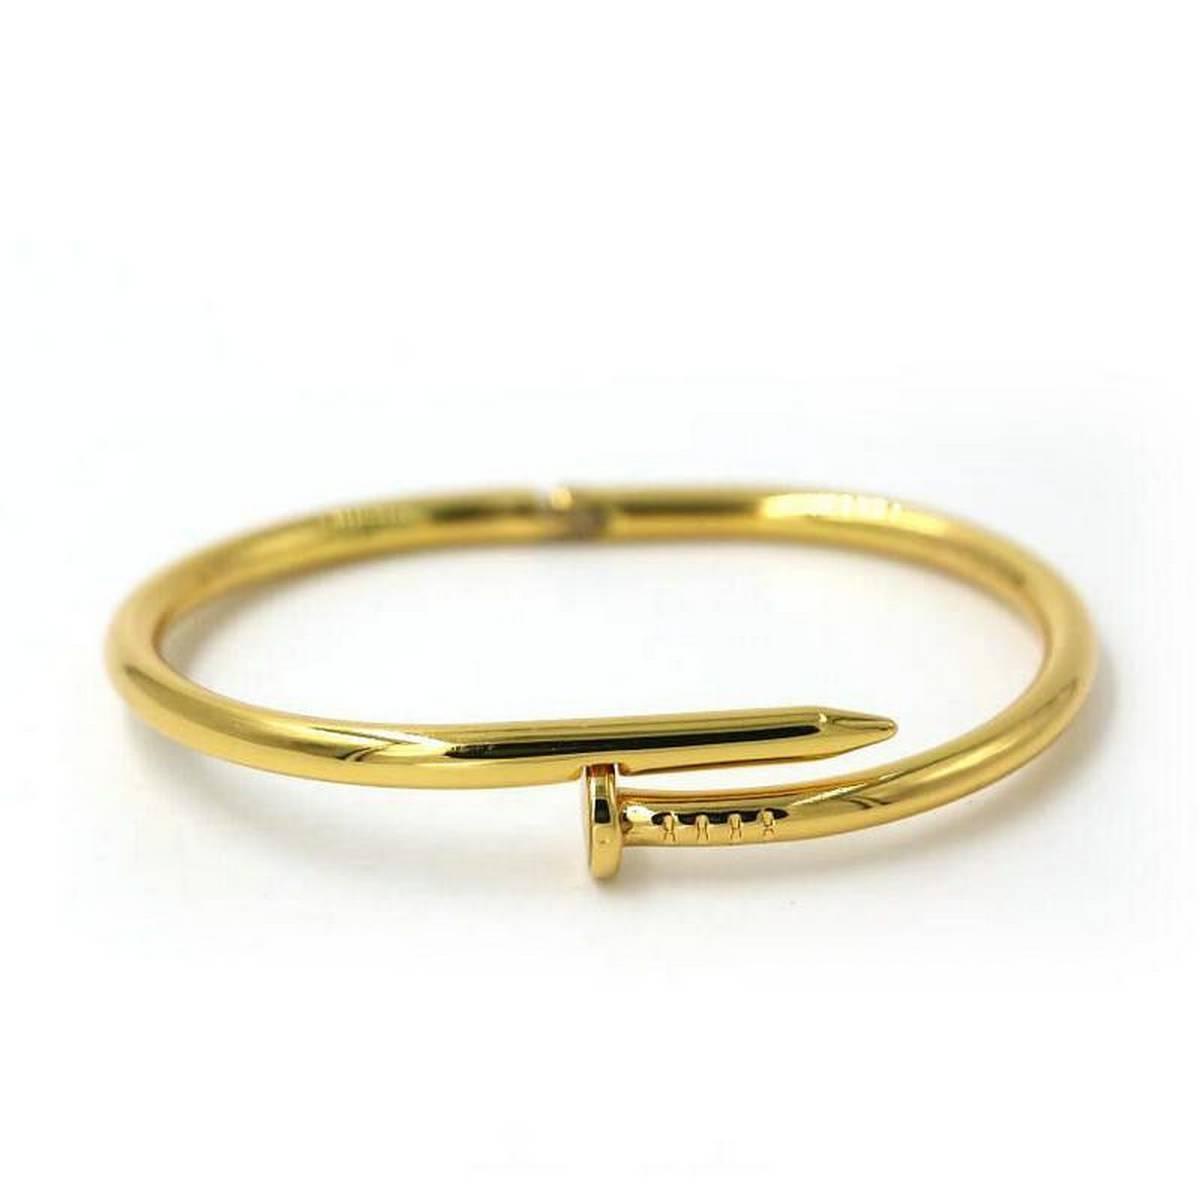 Best qulity Nail shaped Bangle/Bracelet For Men's/ Women's